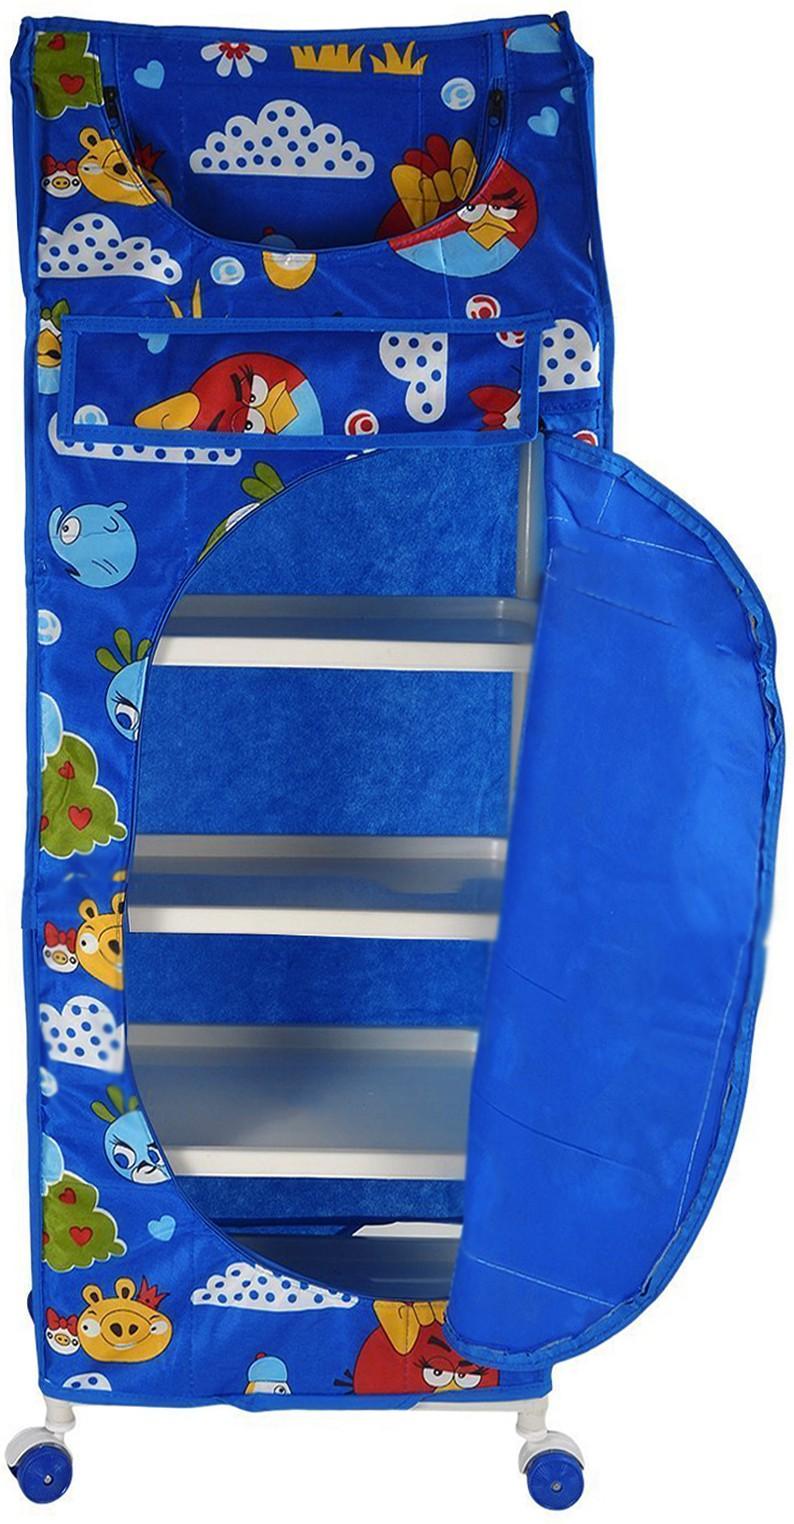 View Flipzon 5 Shelve Blue PVC Collapsible Wardrobe(Finish Color - Blue) Furniture (Flipzon)